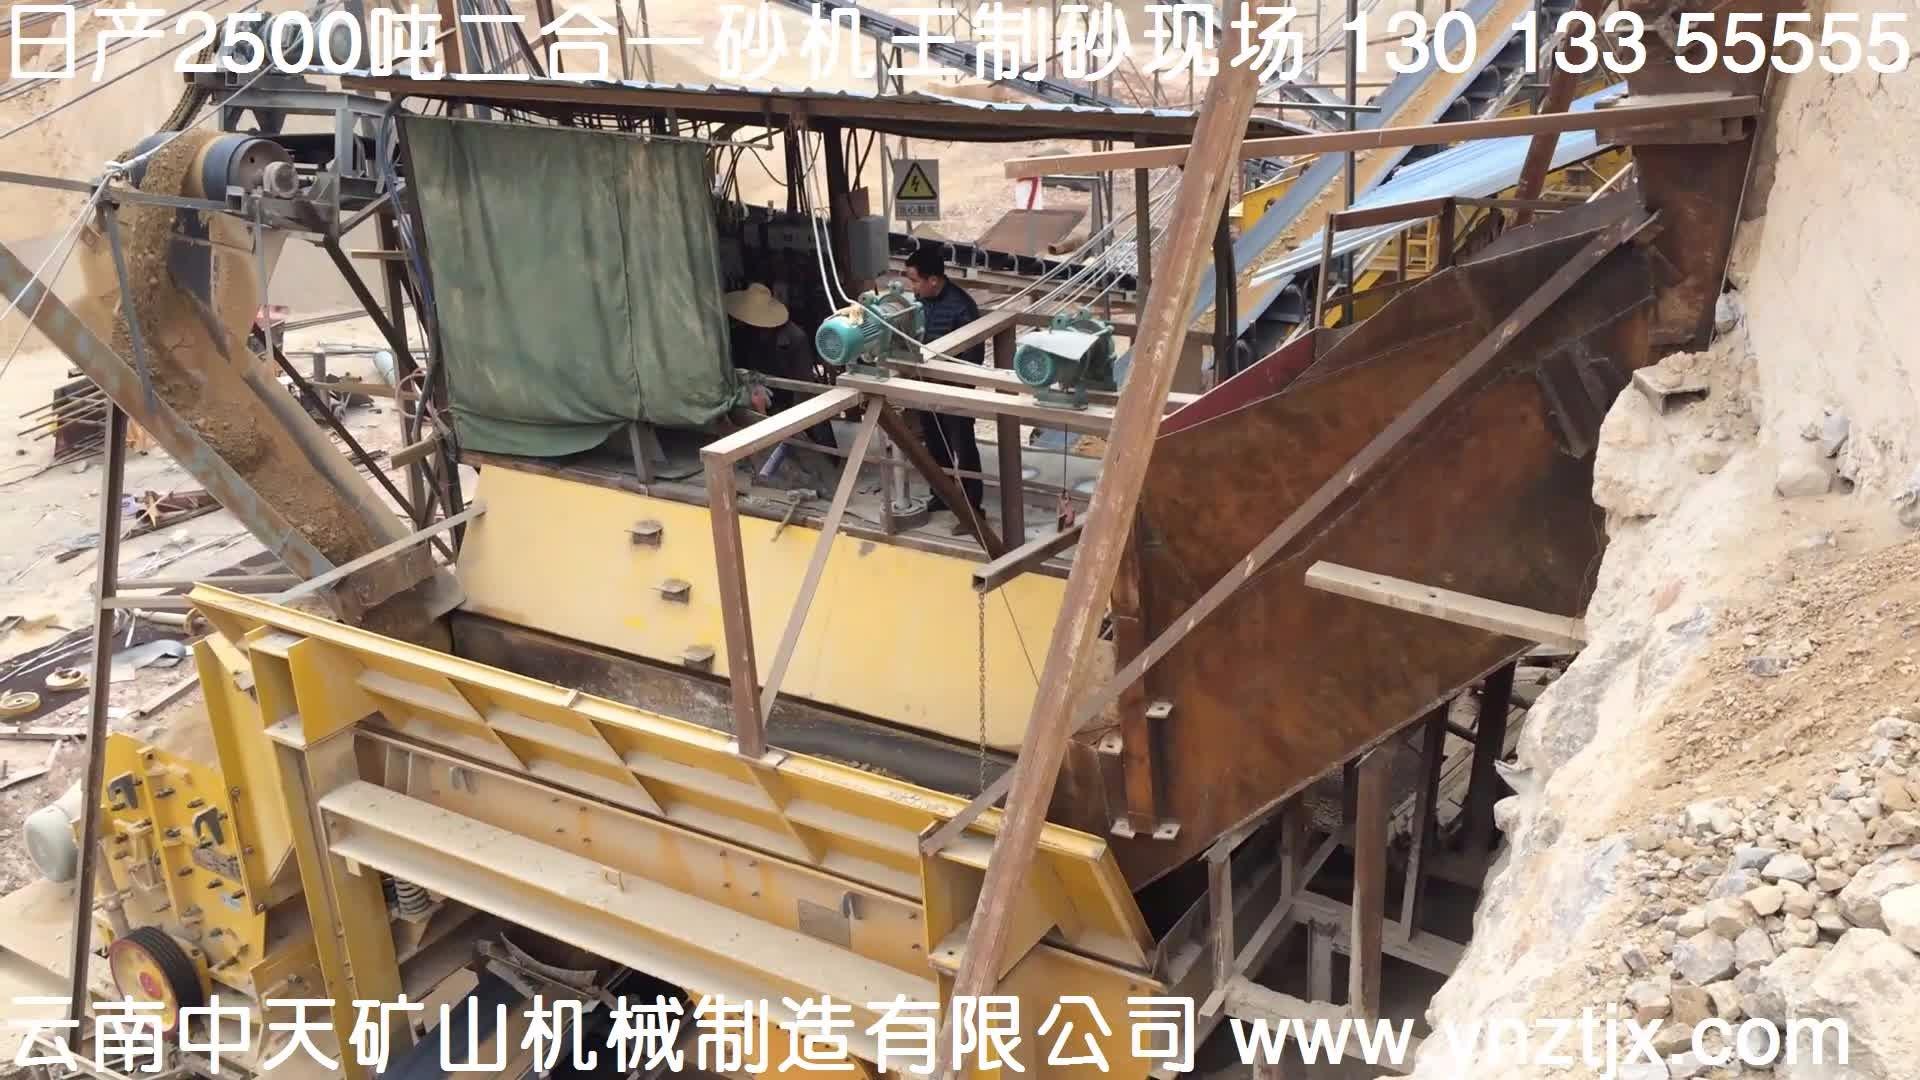 云南日产2500吨manbetx官网电脑版制砂生产线现场一